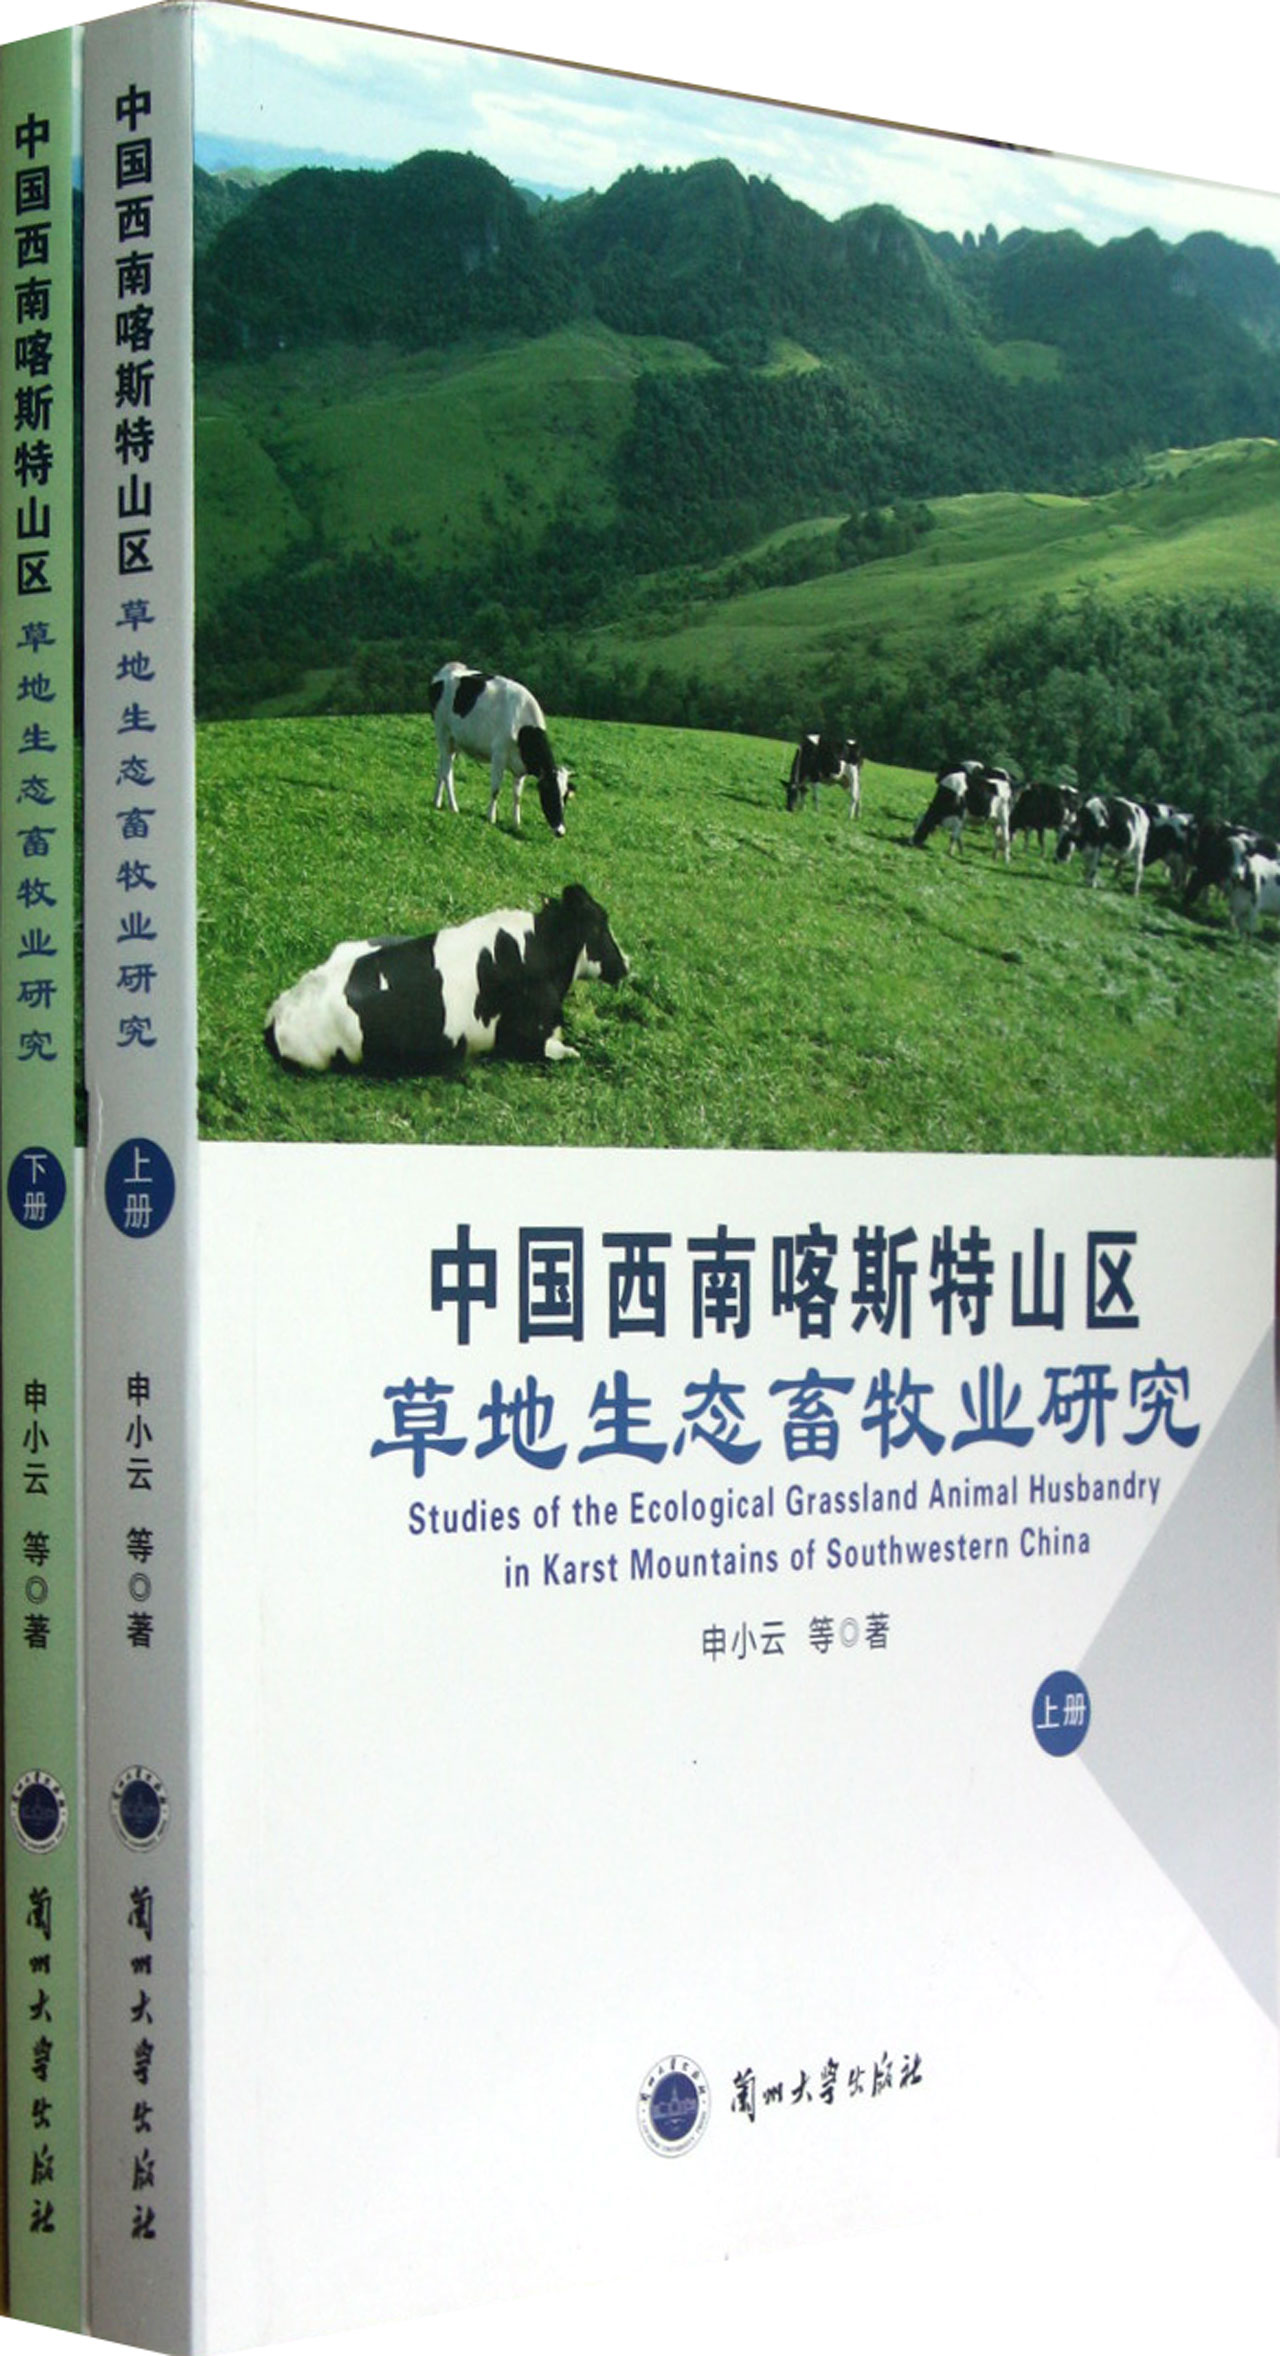 矿物质营养代谢:2.动物遗传育种和繁殖